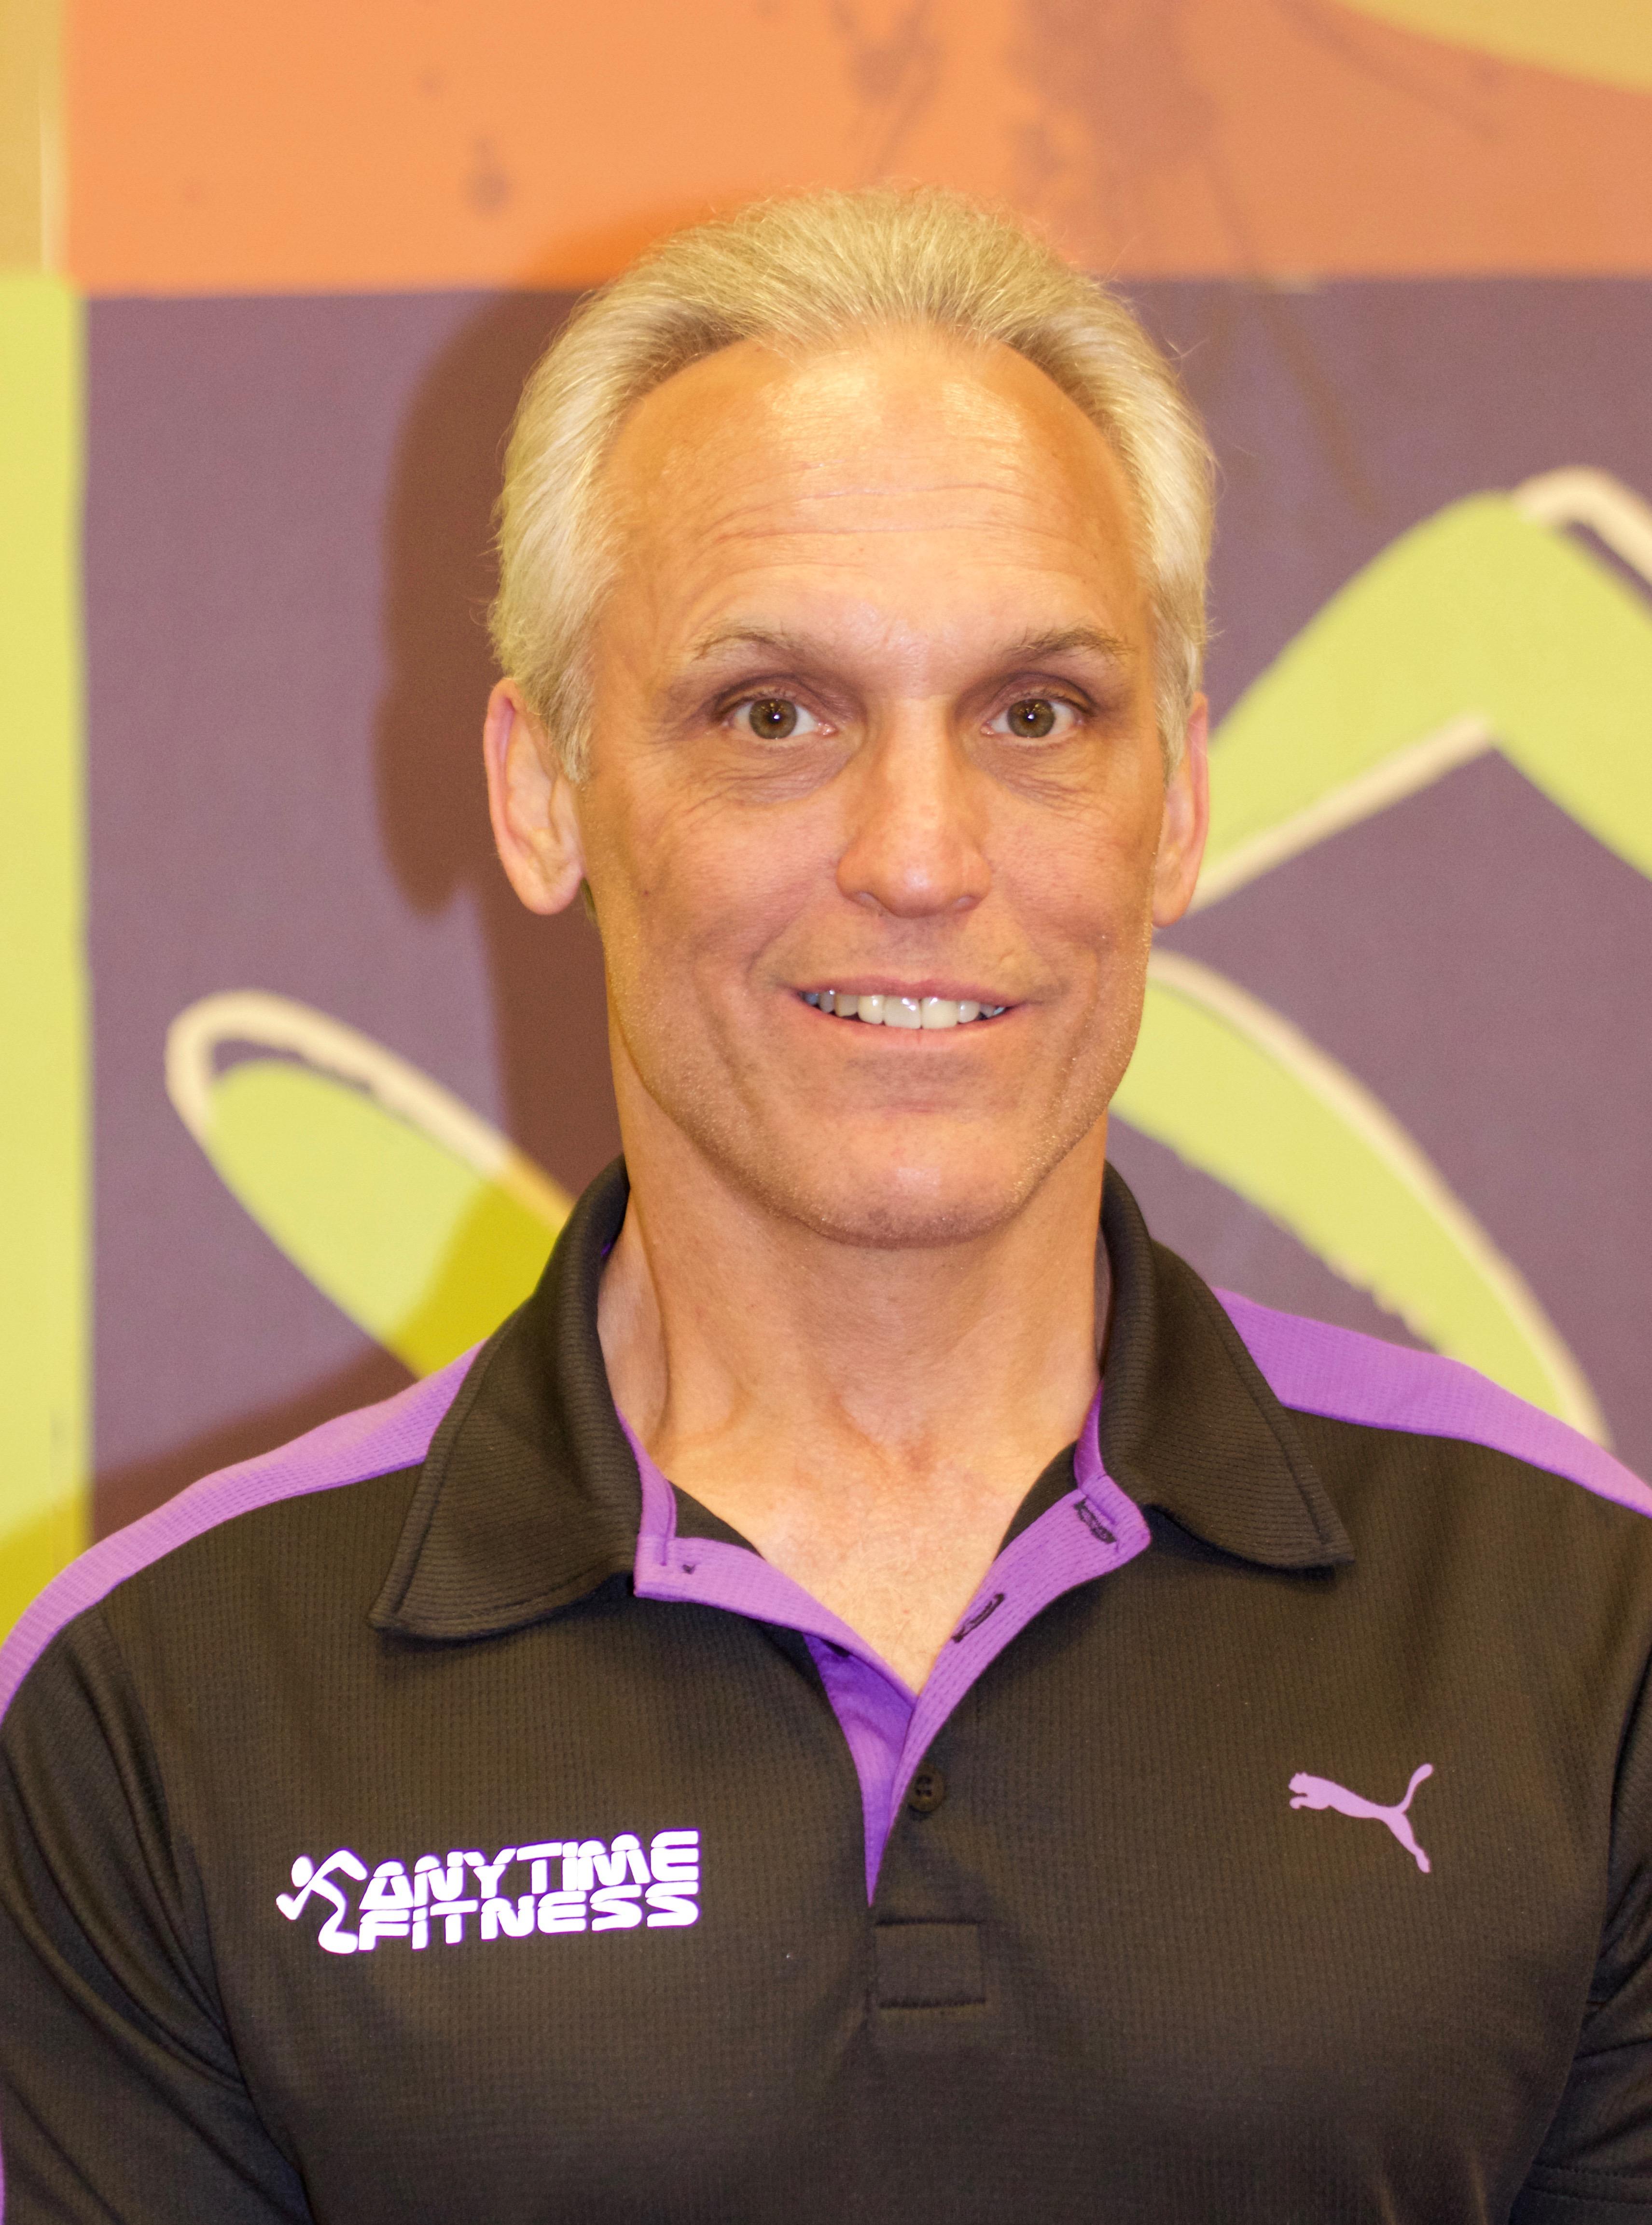 Brad Jackomino